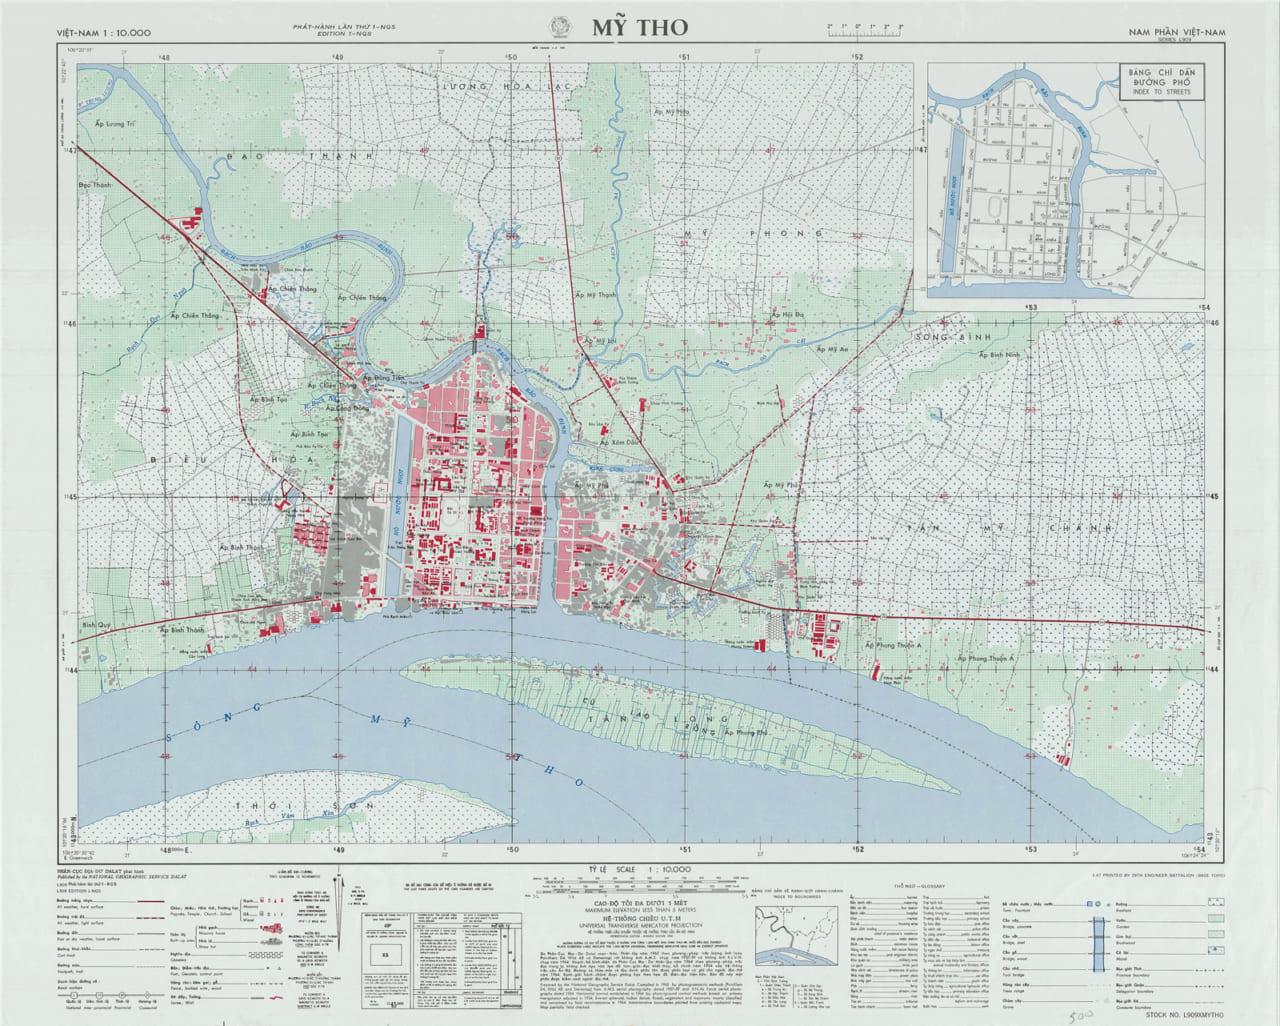 Bản đồ Mỹ Tho năm 1965